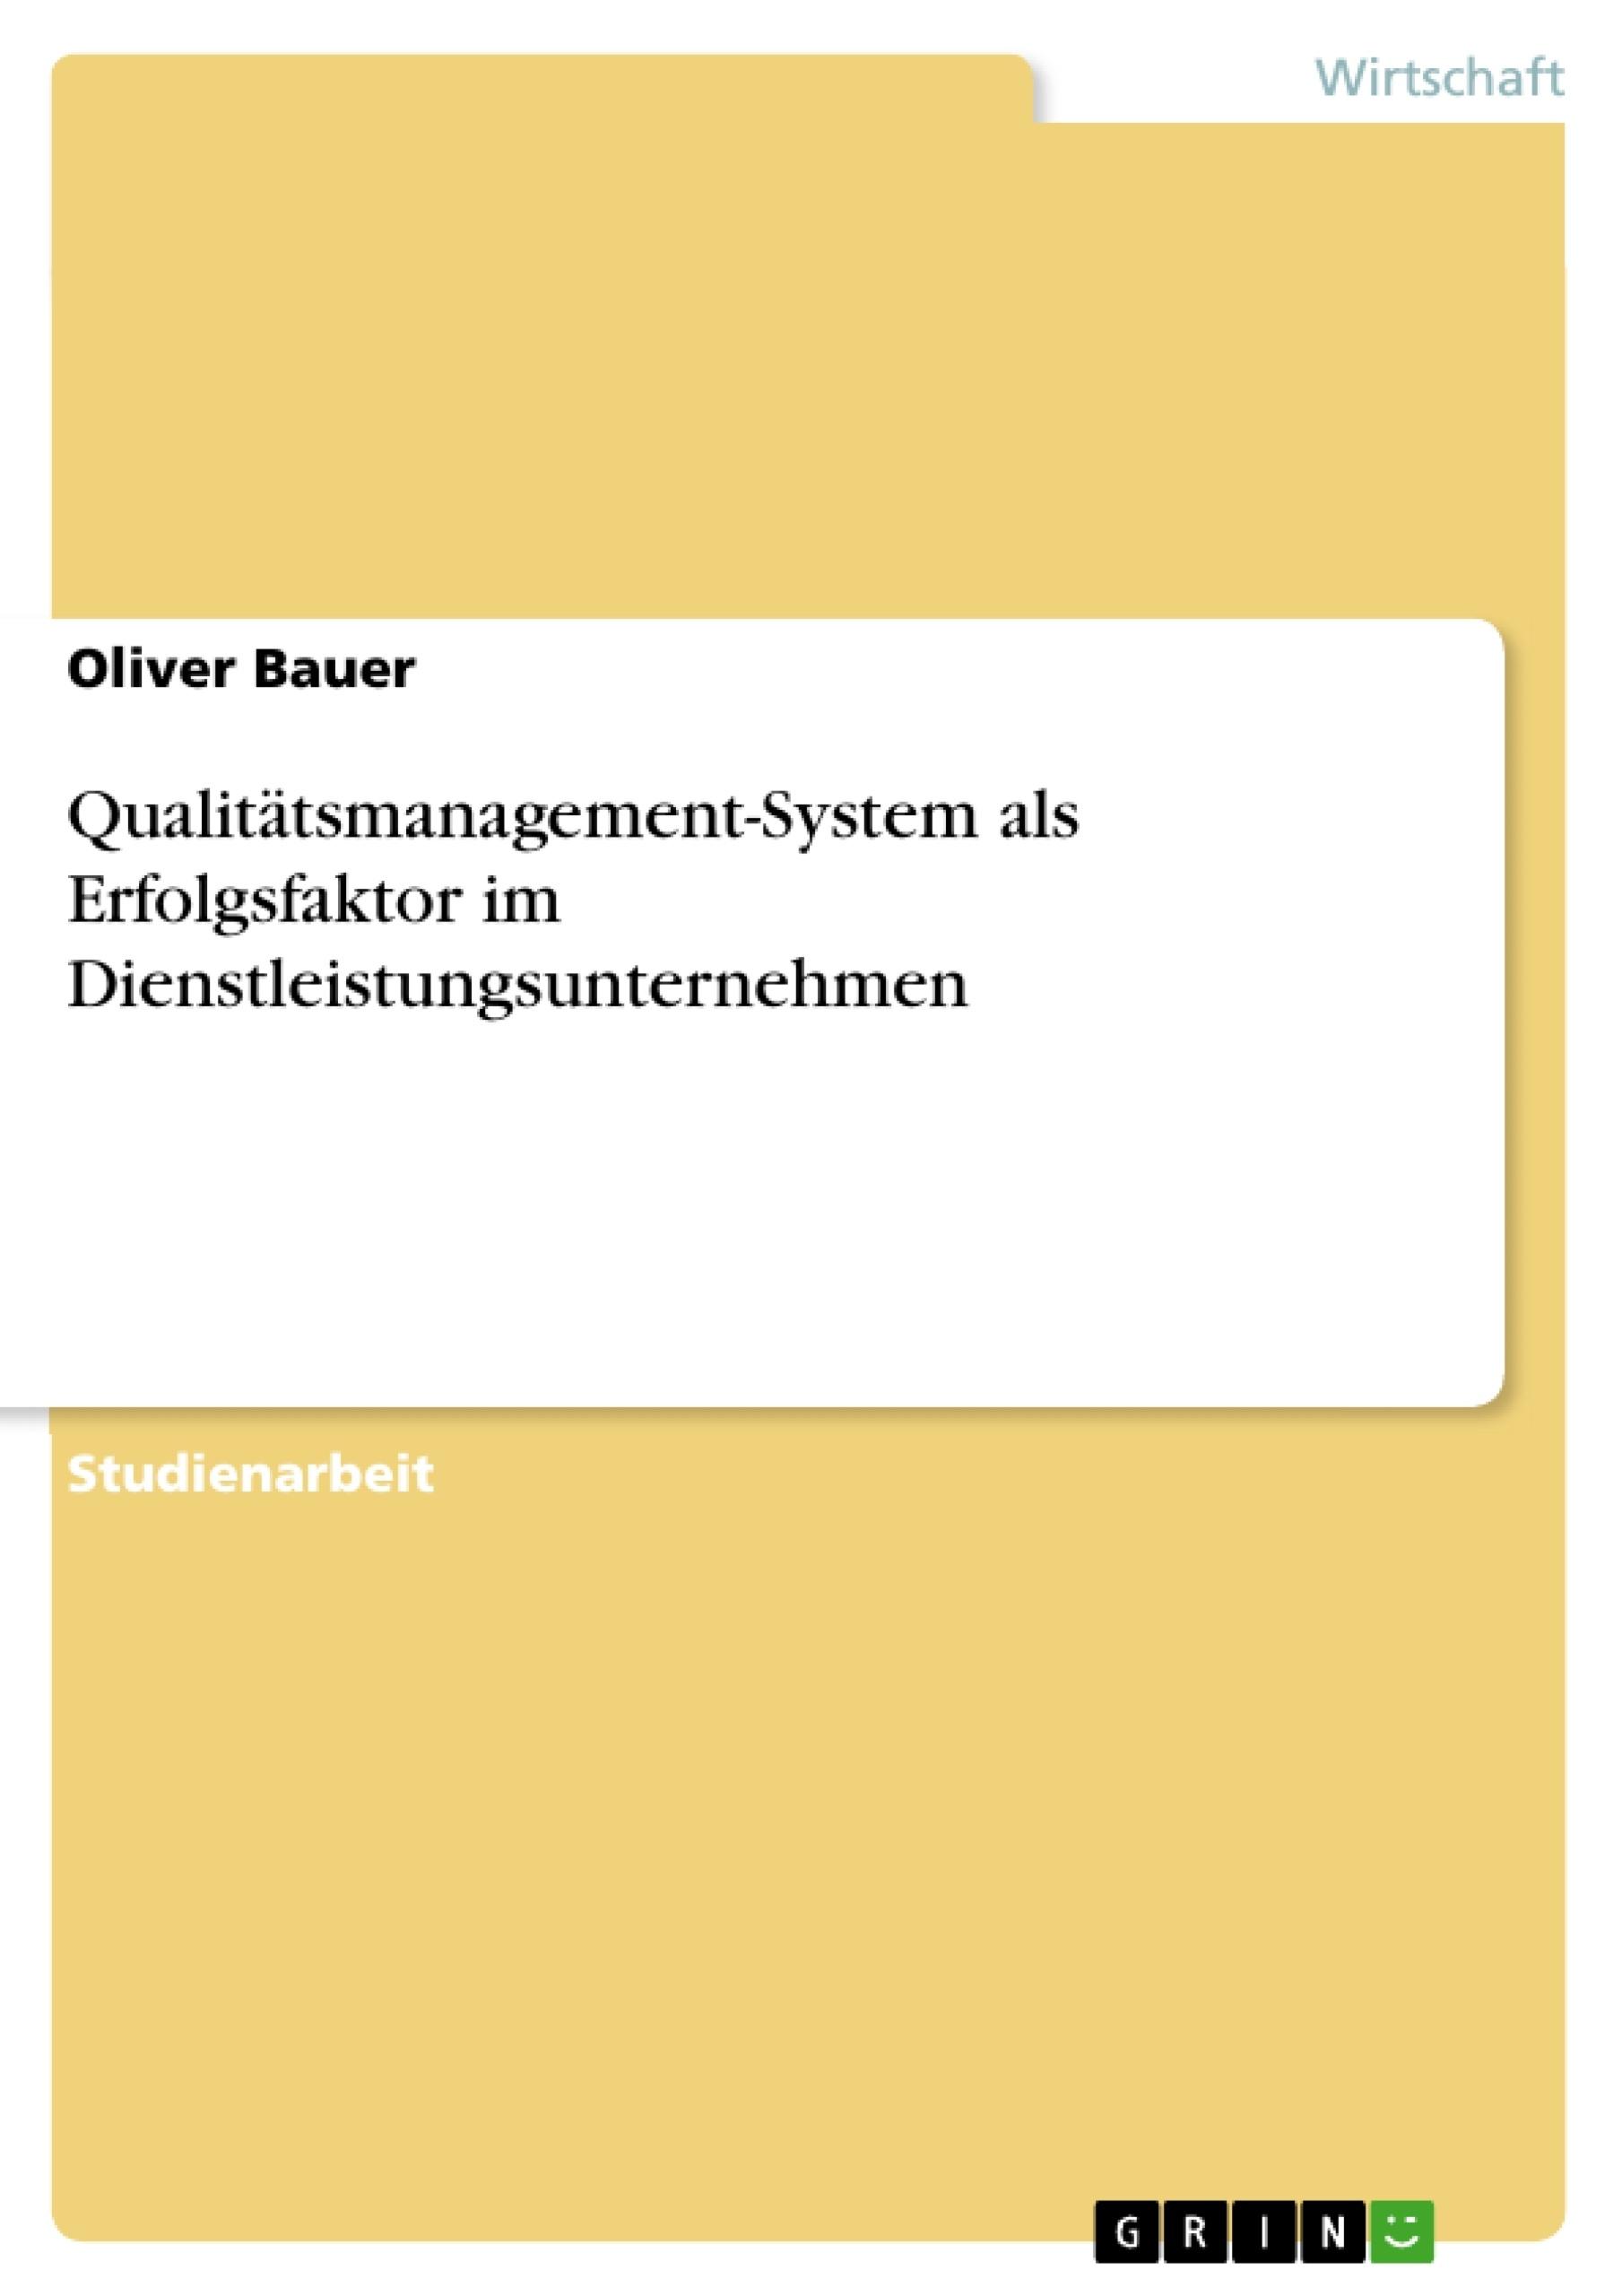 Titel: Qualitätsmanagement-System als Erfolgsfaktor im Dienstleistungsunternehmen